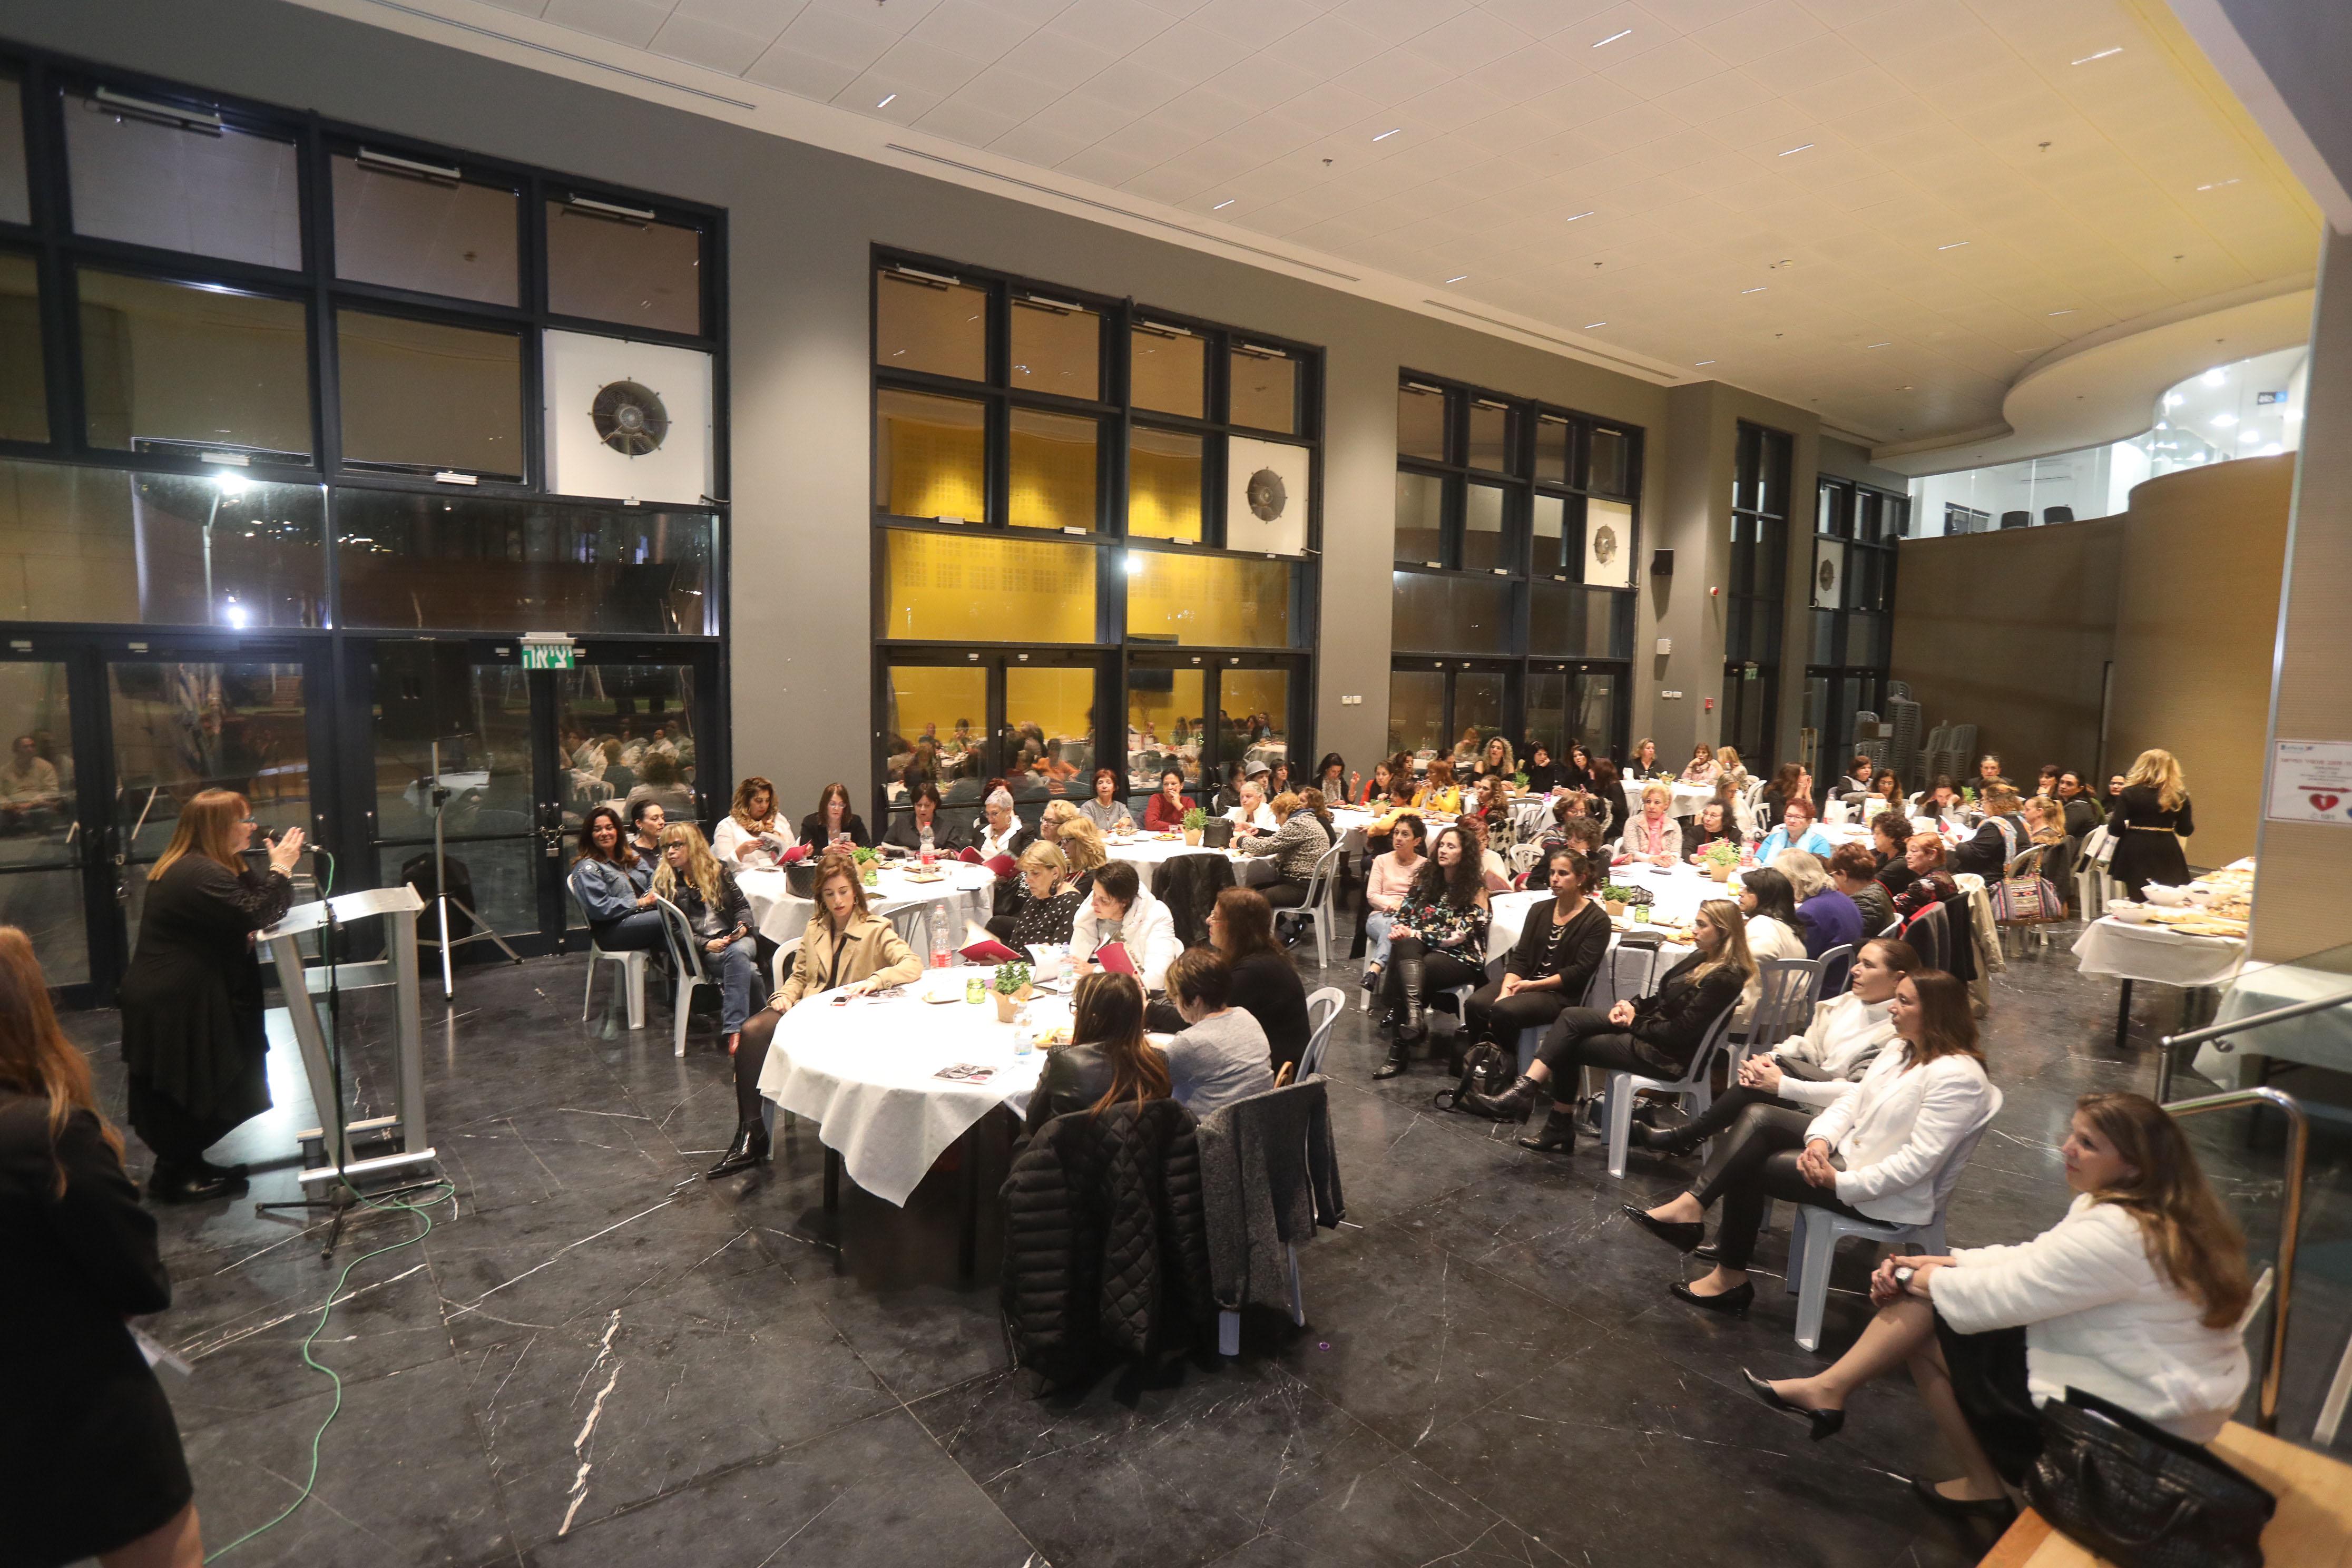 ישיבה ראשונה של מועצת הנשים בהרצליה